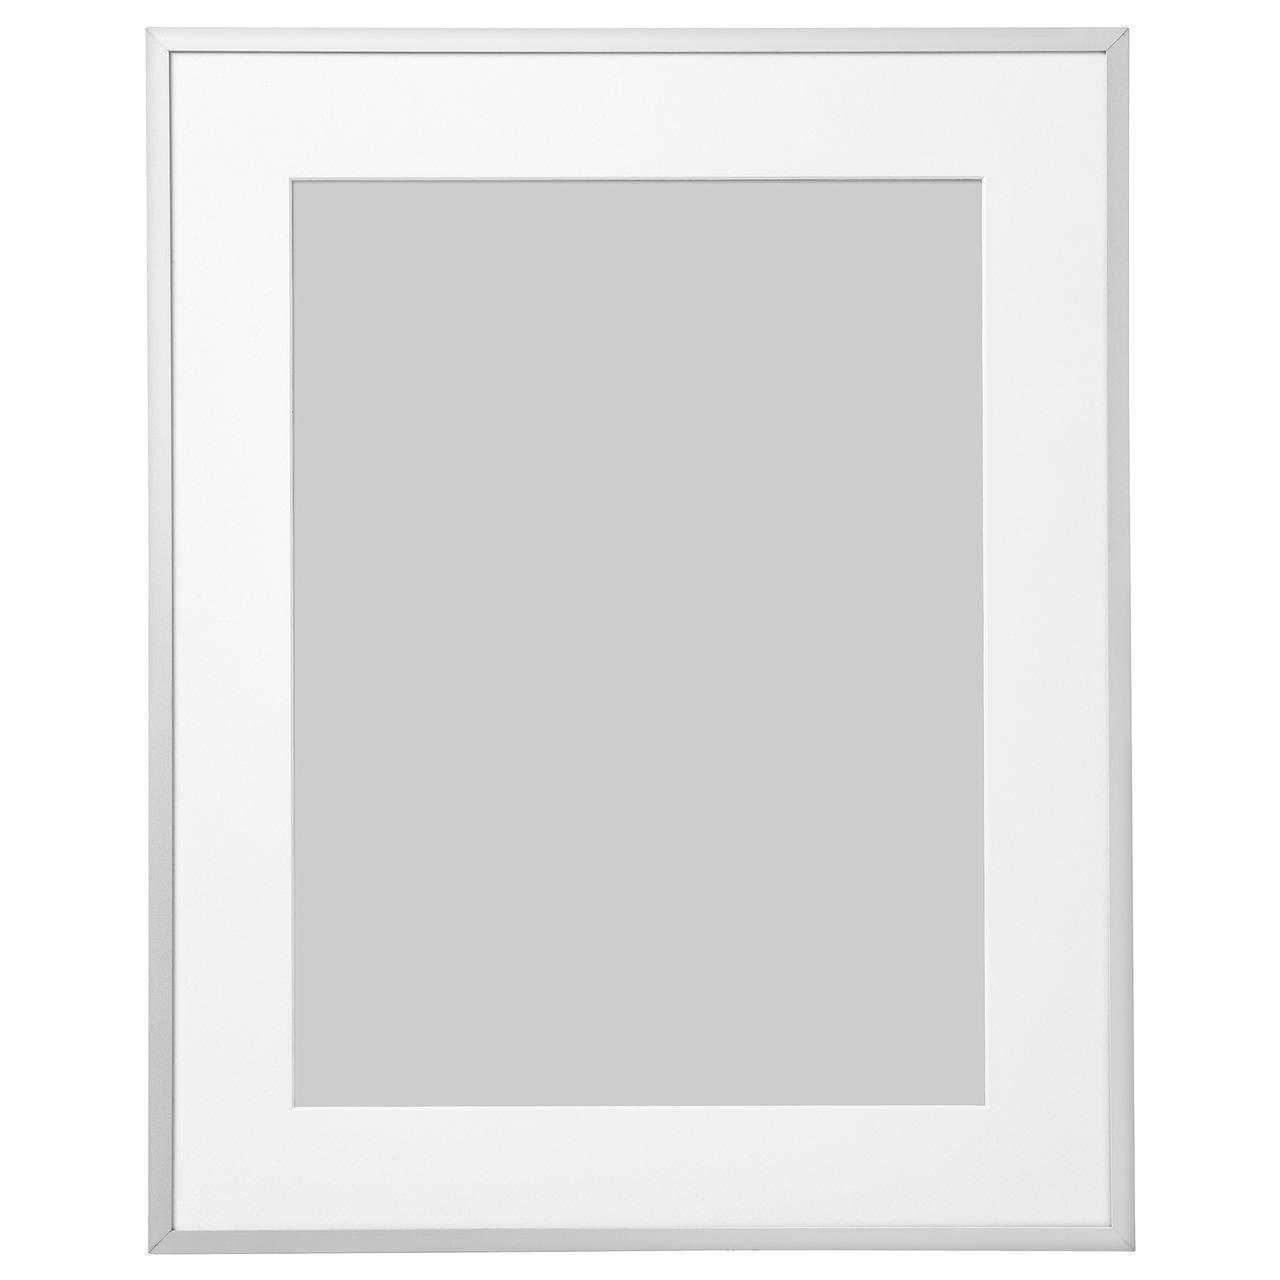 Рамка для фотографій IKEA LOMVIKEN 40х50 см 103.143.16